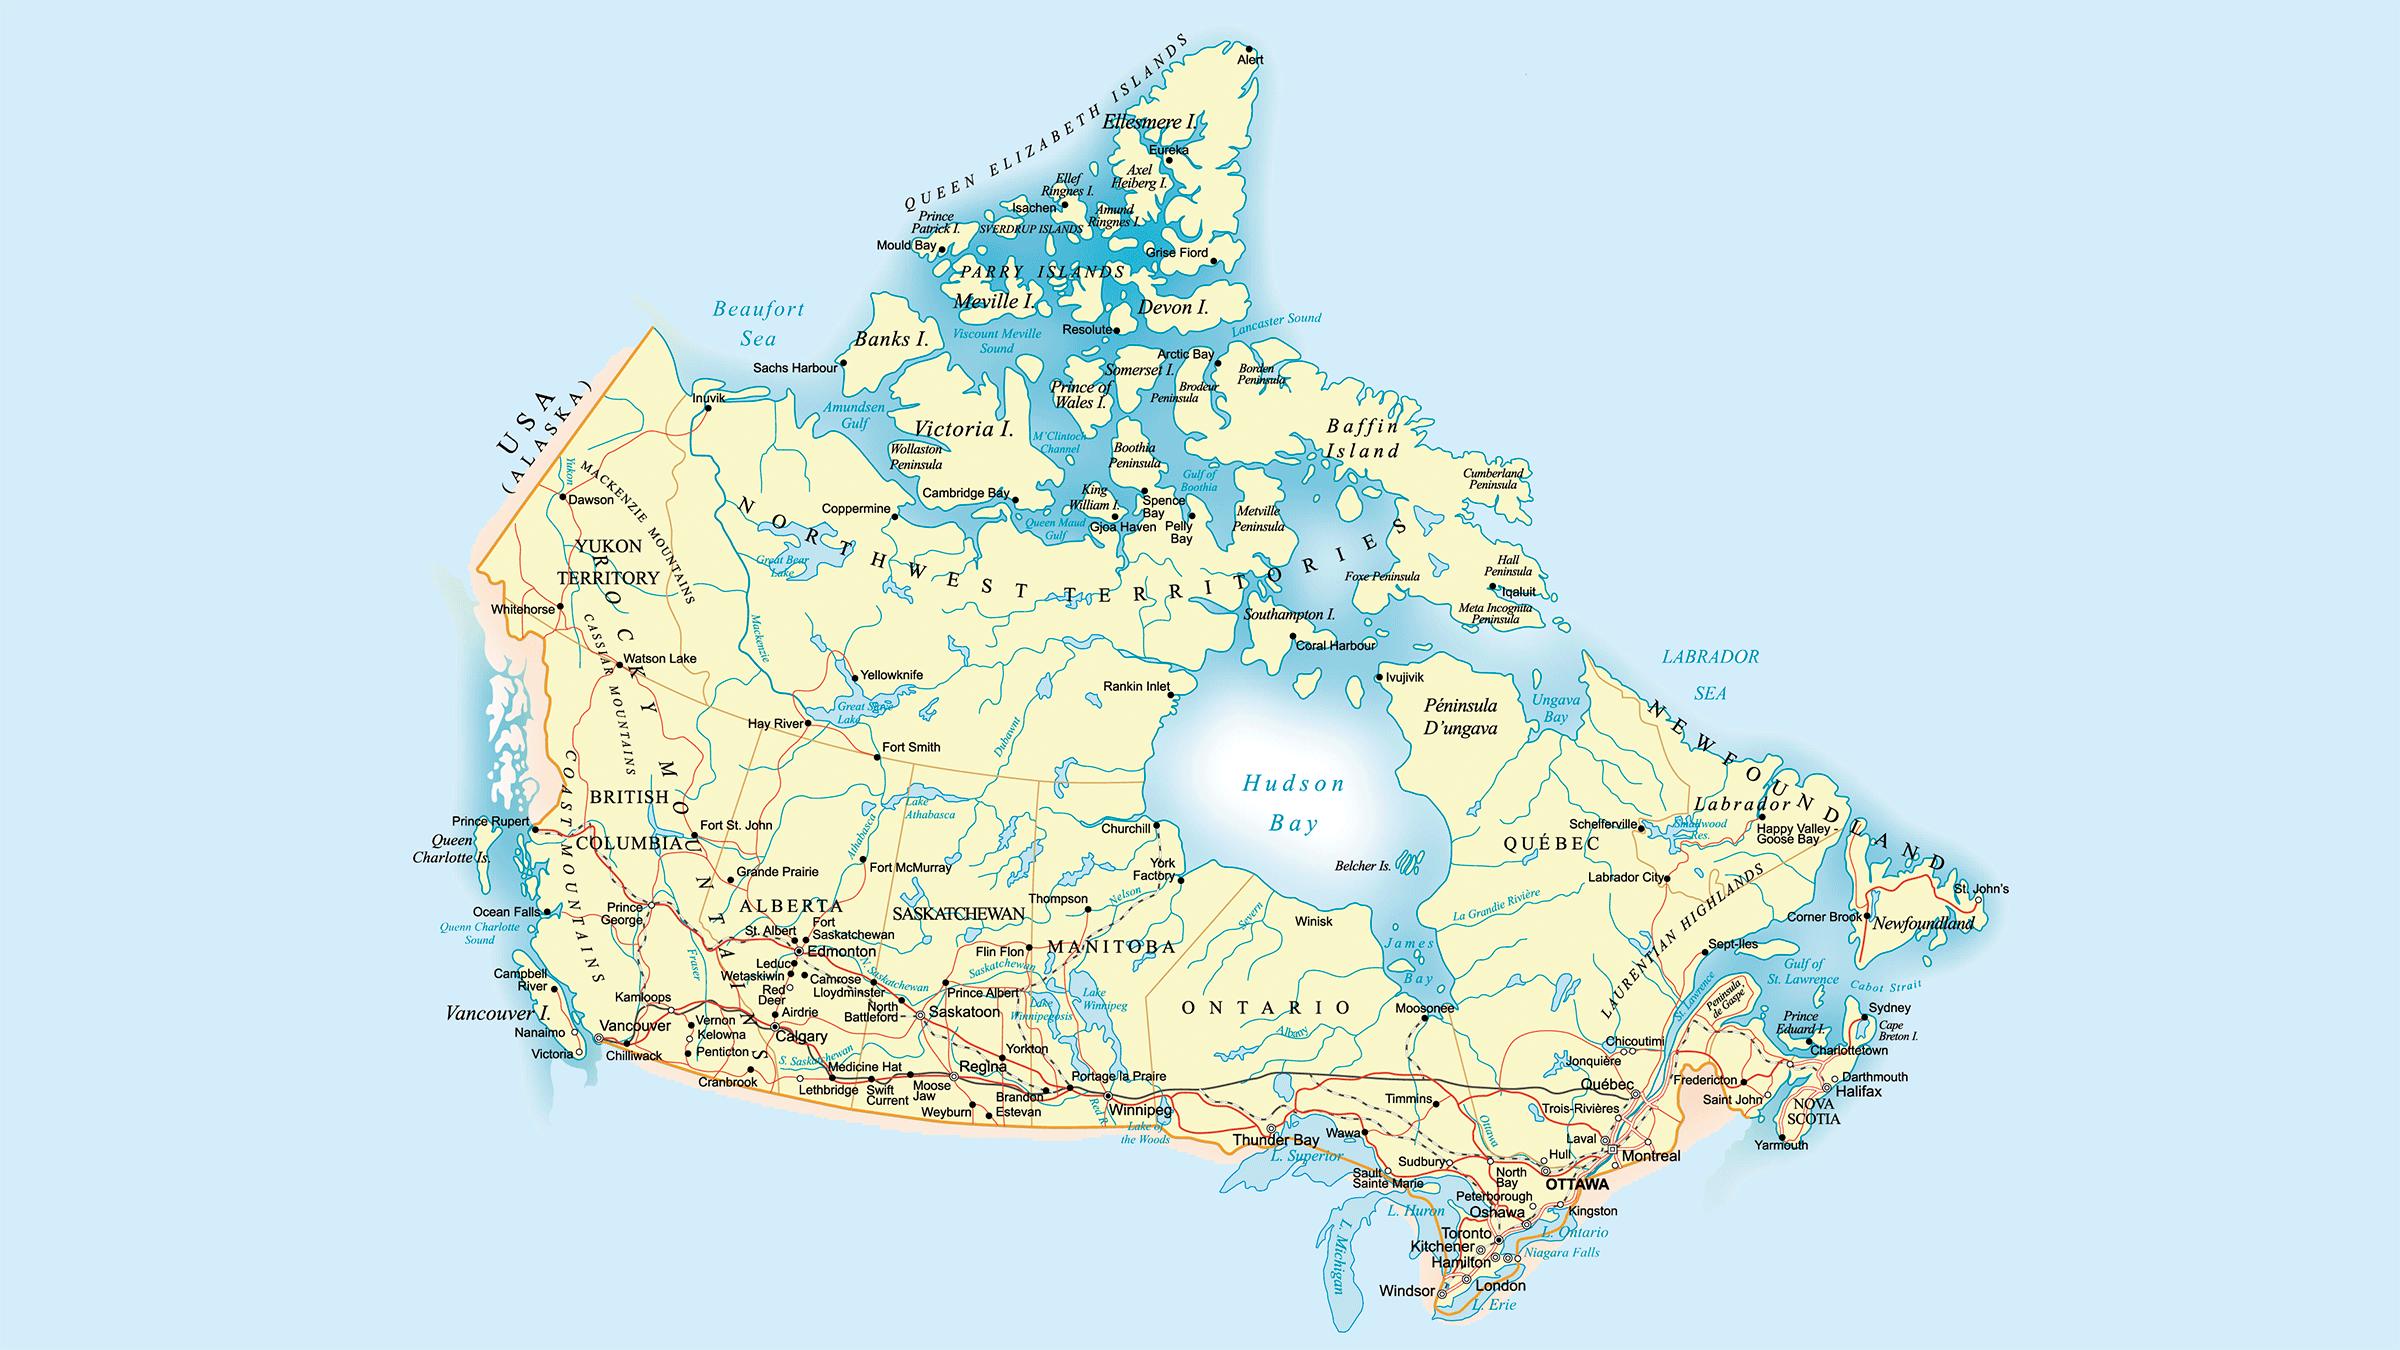 Mapa Hidrografico de Canada